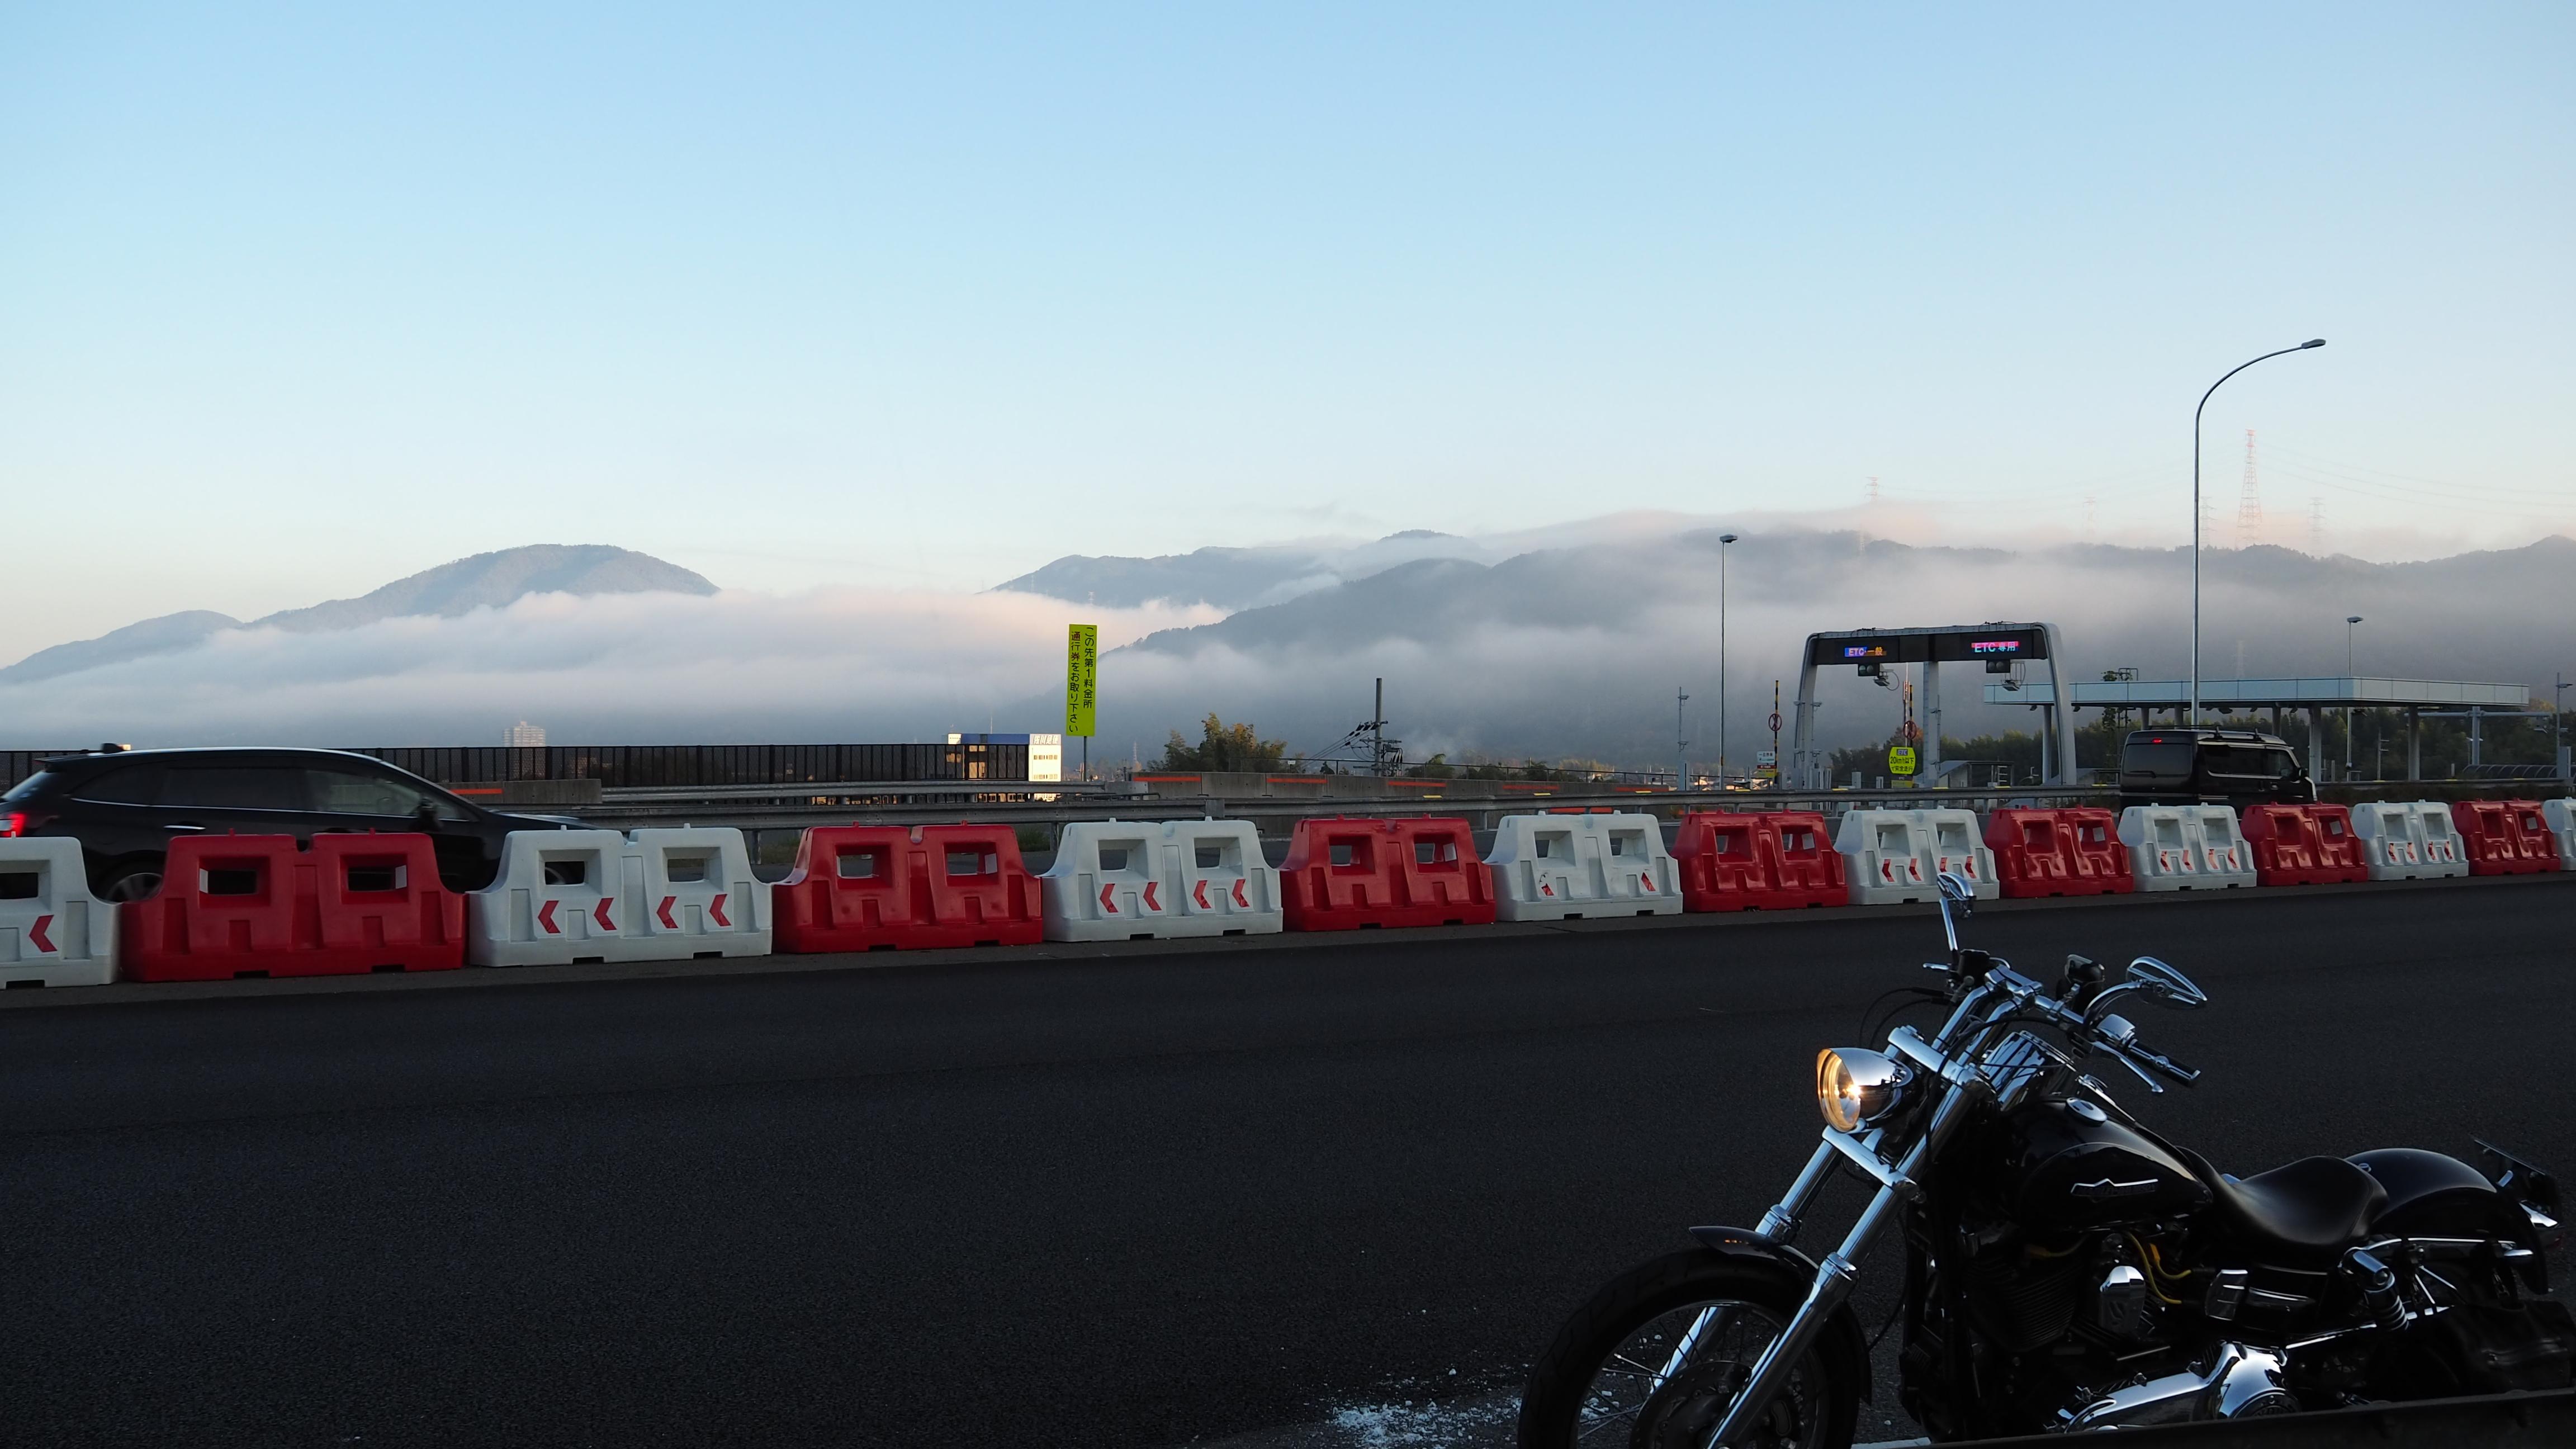 ぴーきち&ダイナ 美山 かやぶきの里ツーリング 雲海